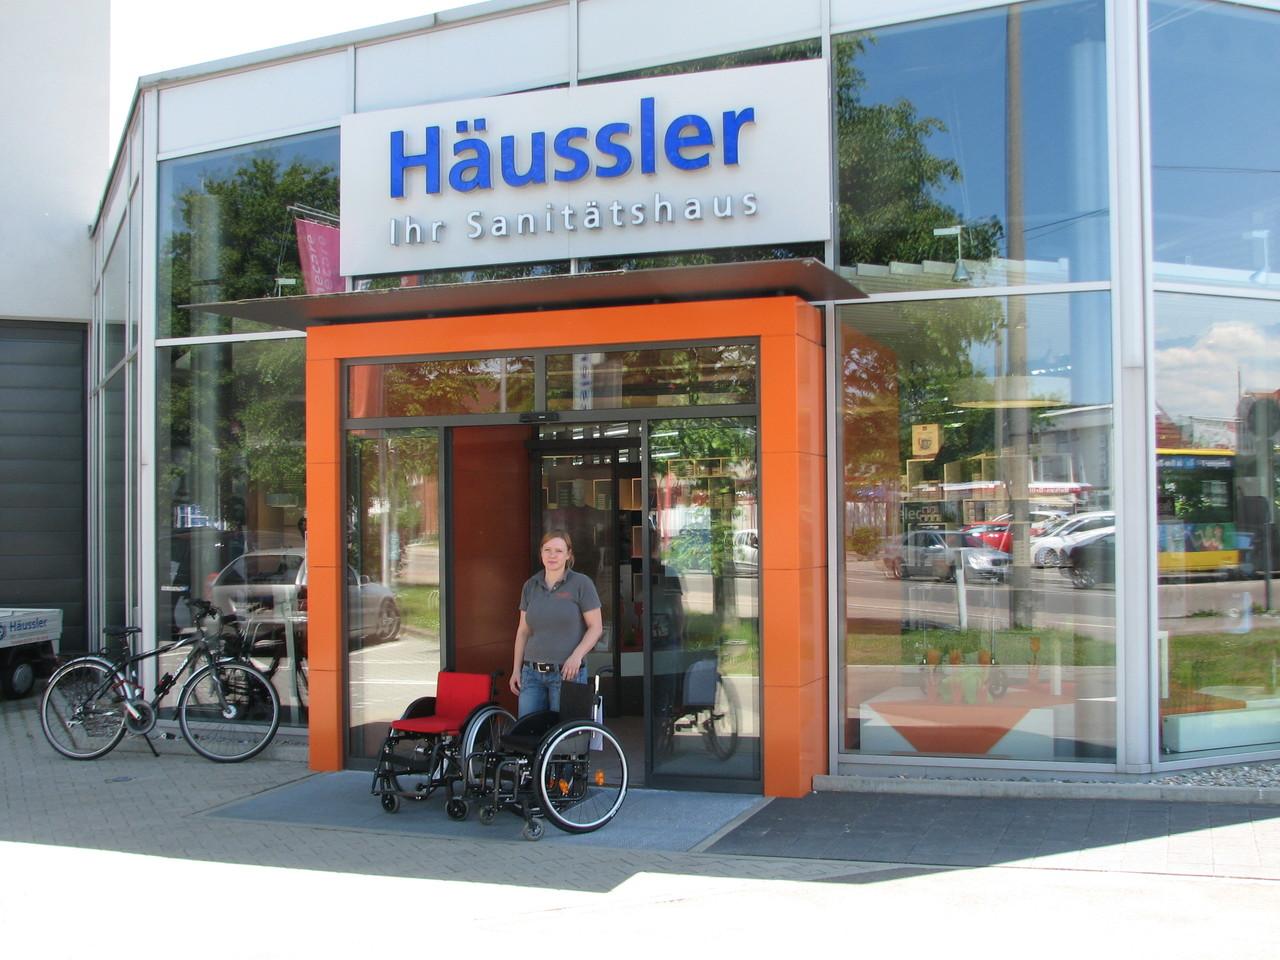 Natalie Häderer von Firma Häussler in Ulm, die diese tolle Spende möglich gemacht haben!